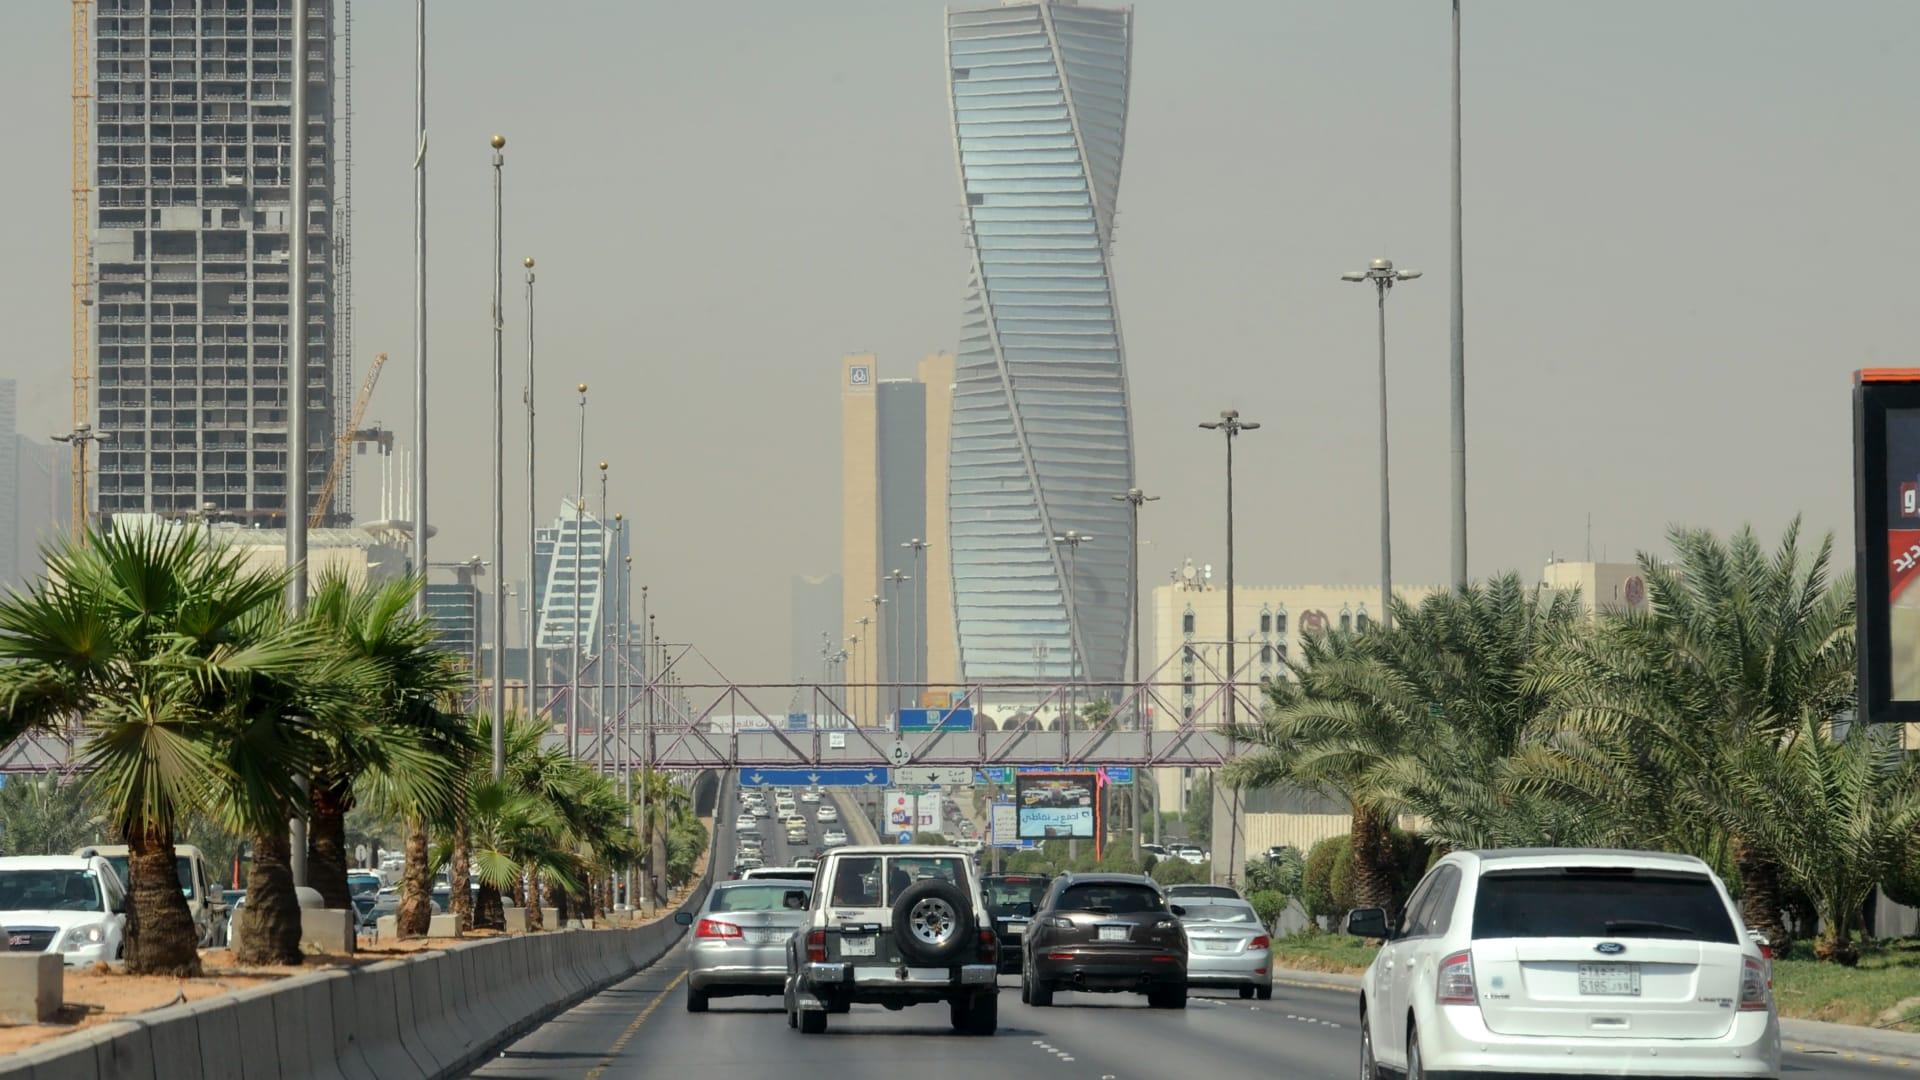 في السعودية.. انكماش الناتج المحلي 3.3٪ بالربع الأول والقطاع غير النفطي ينمو لأول مرة منذ كورونا